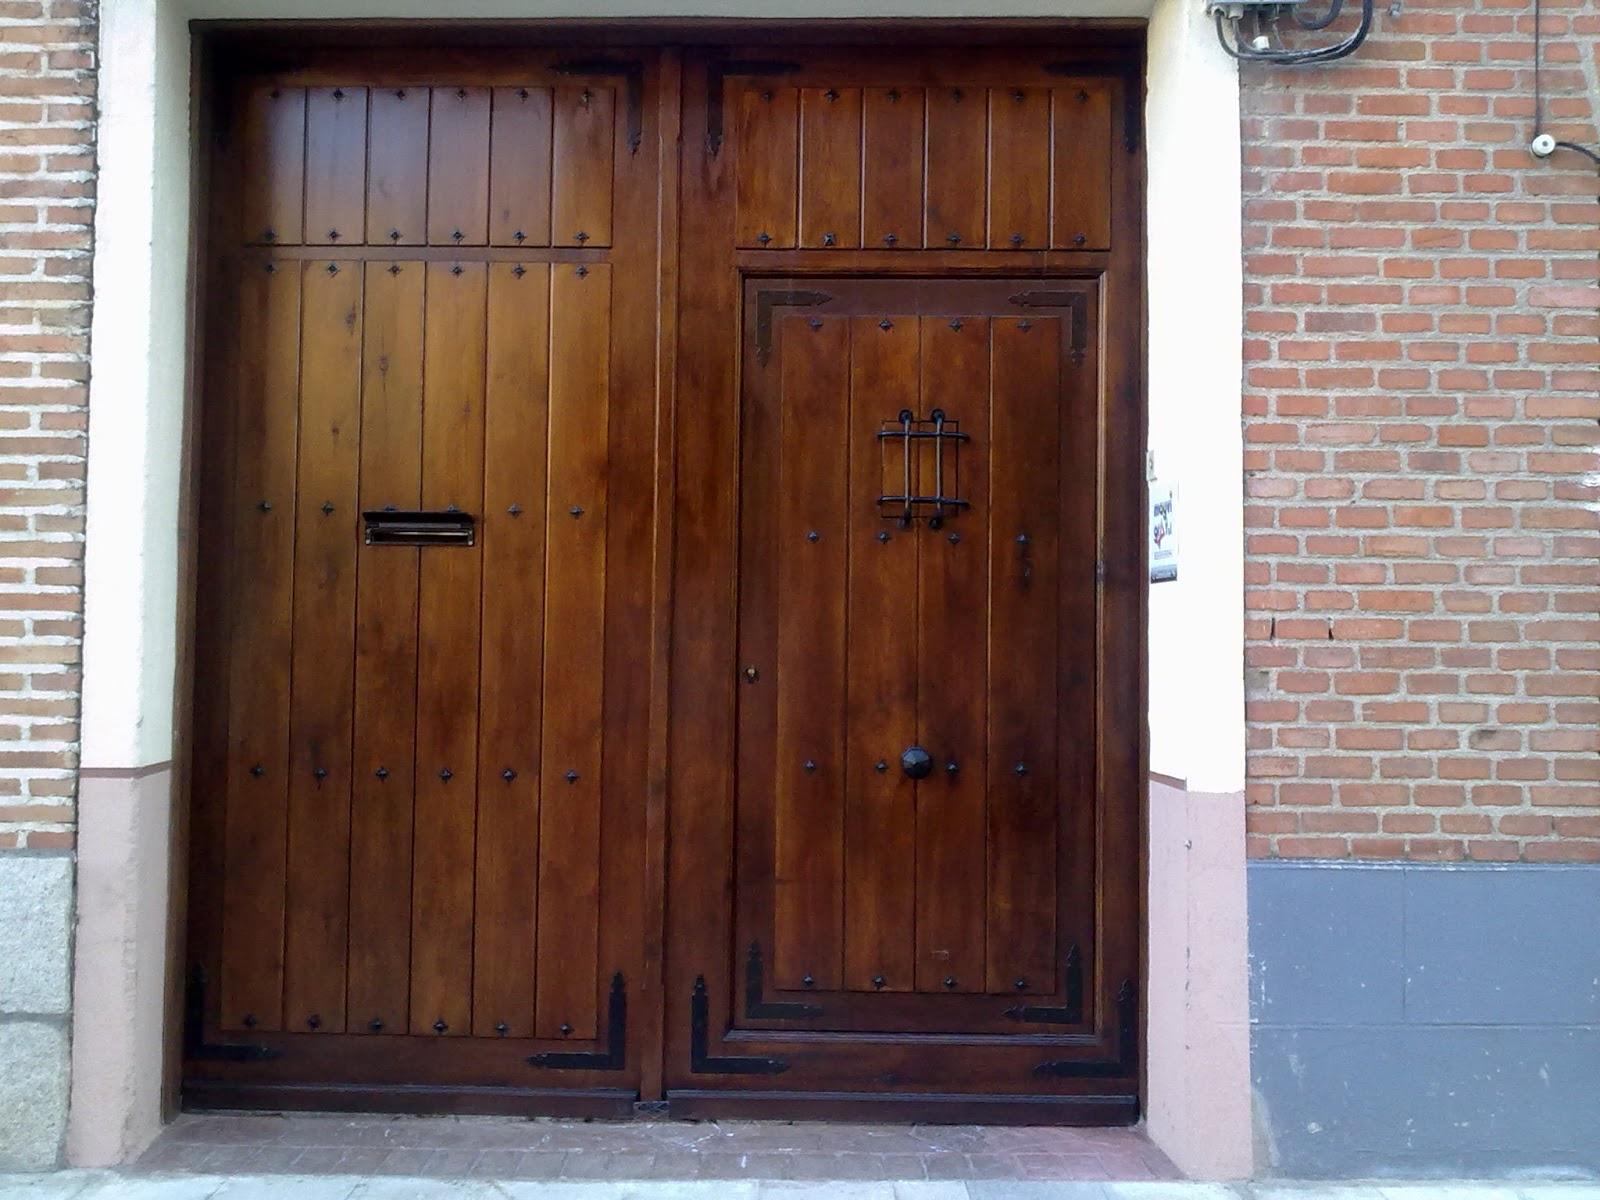 Puertas y portones de madera tattoo design bild - Puertas rusticas de madera ...